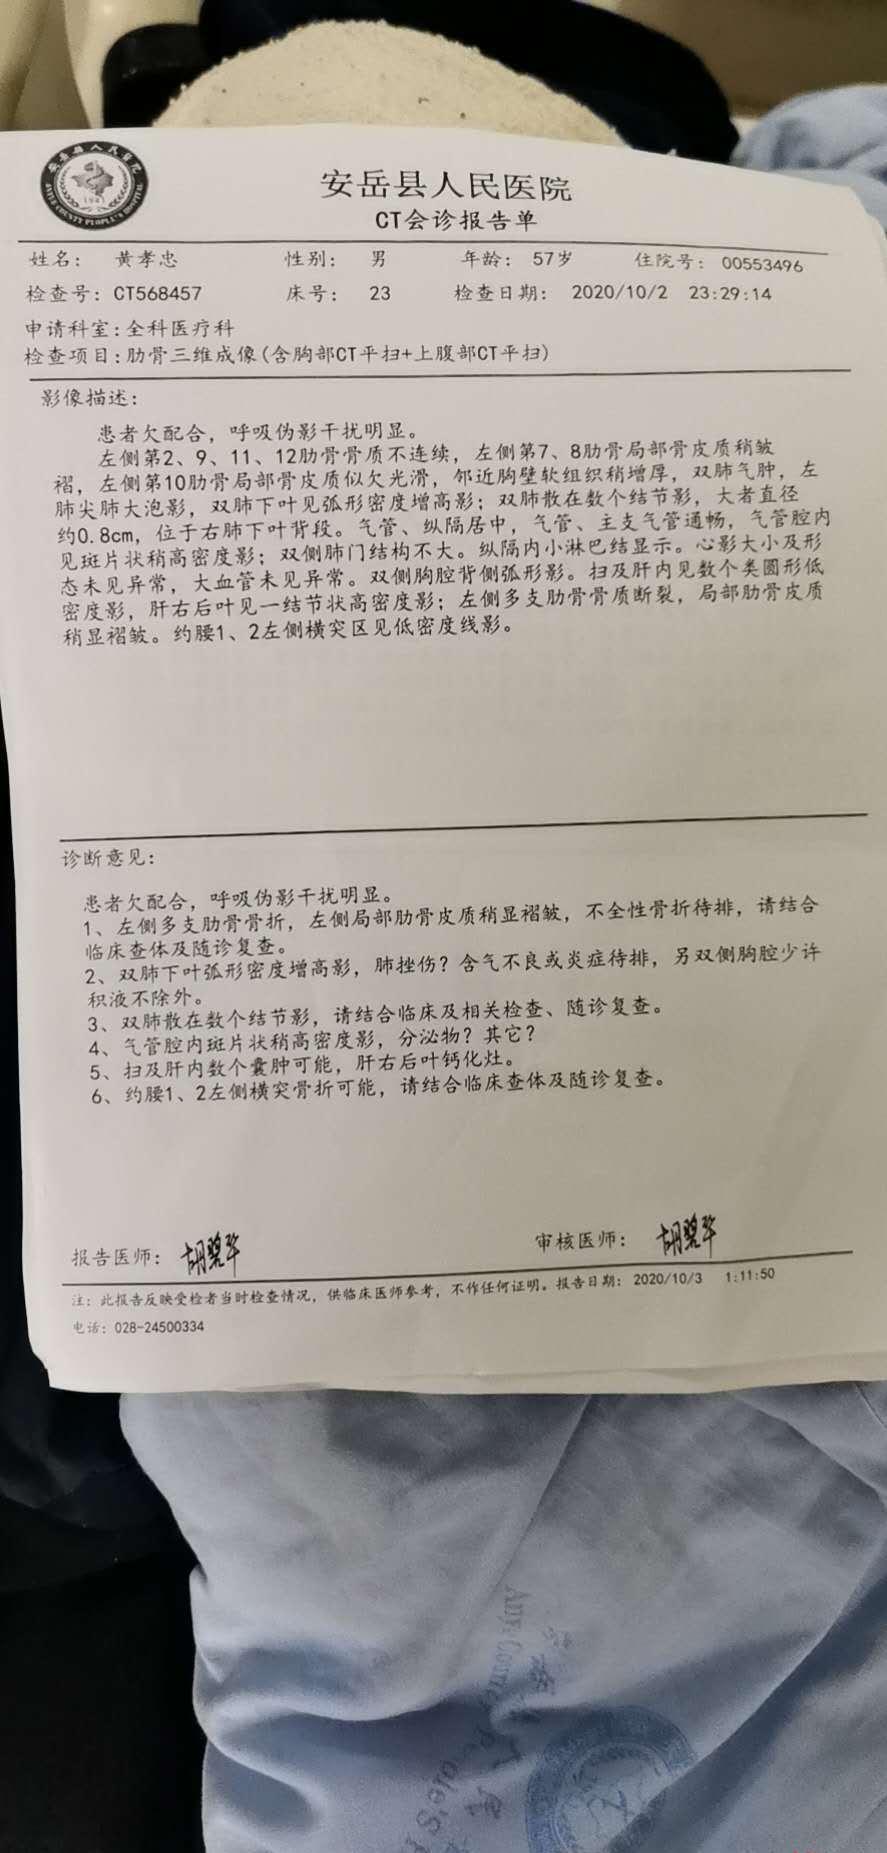 【炮兵社区app专家】_楼板裂缝,业主维权被打成多处骨折?警方:嫌疑人已被刑拘